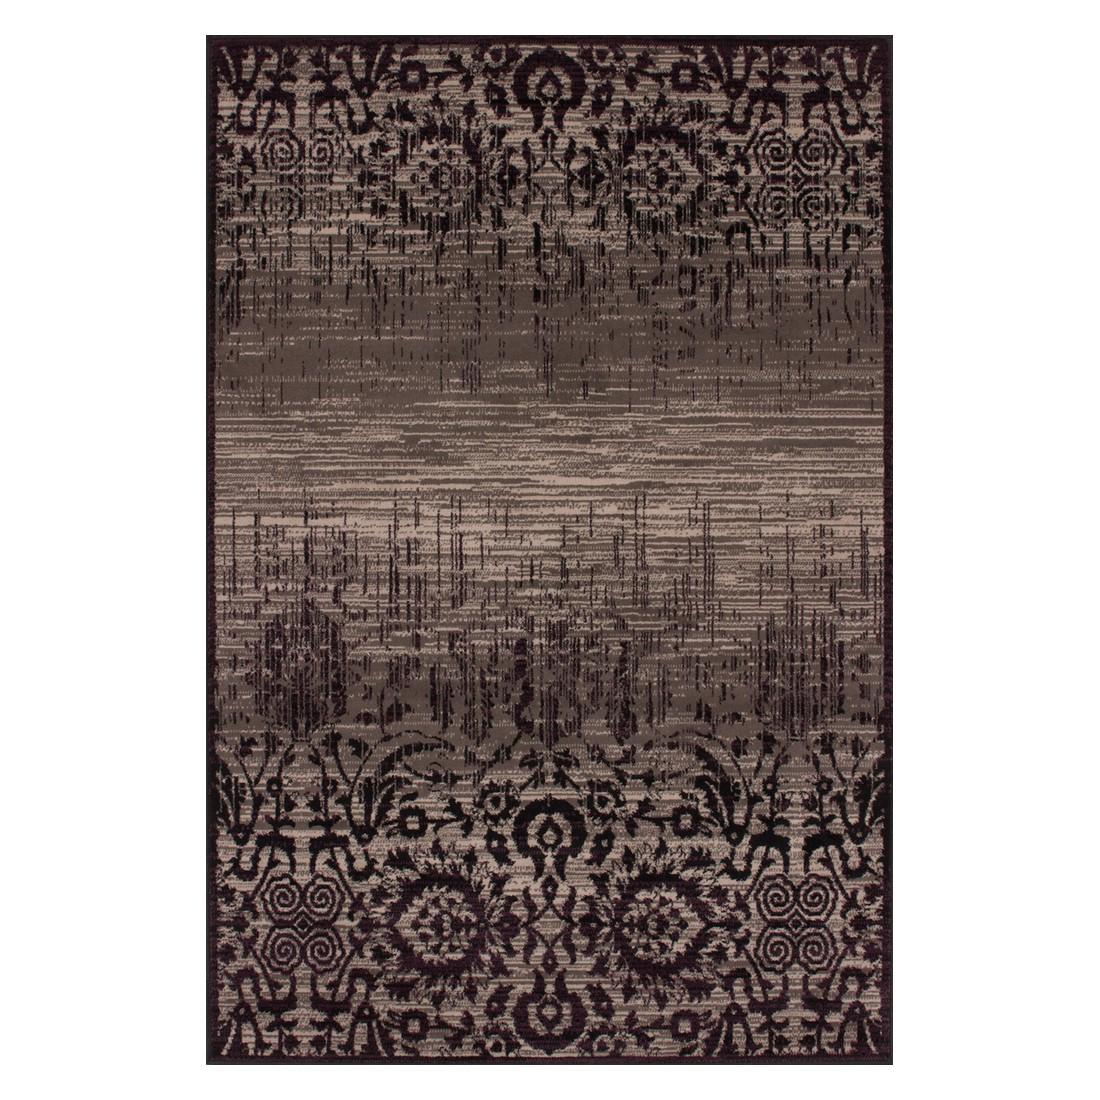 Teppich Look – Silber – 120 x 170 cm, Kayoom online bestellen